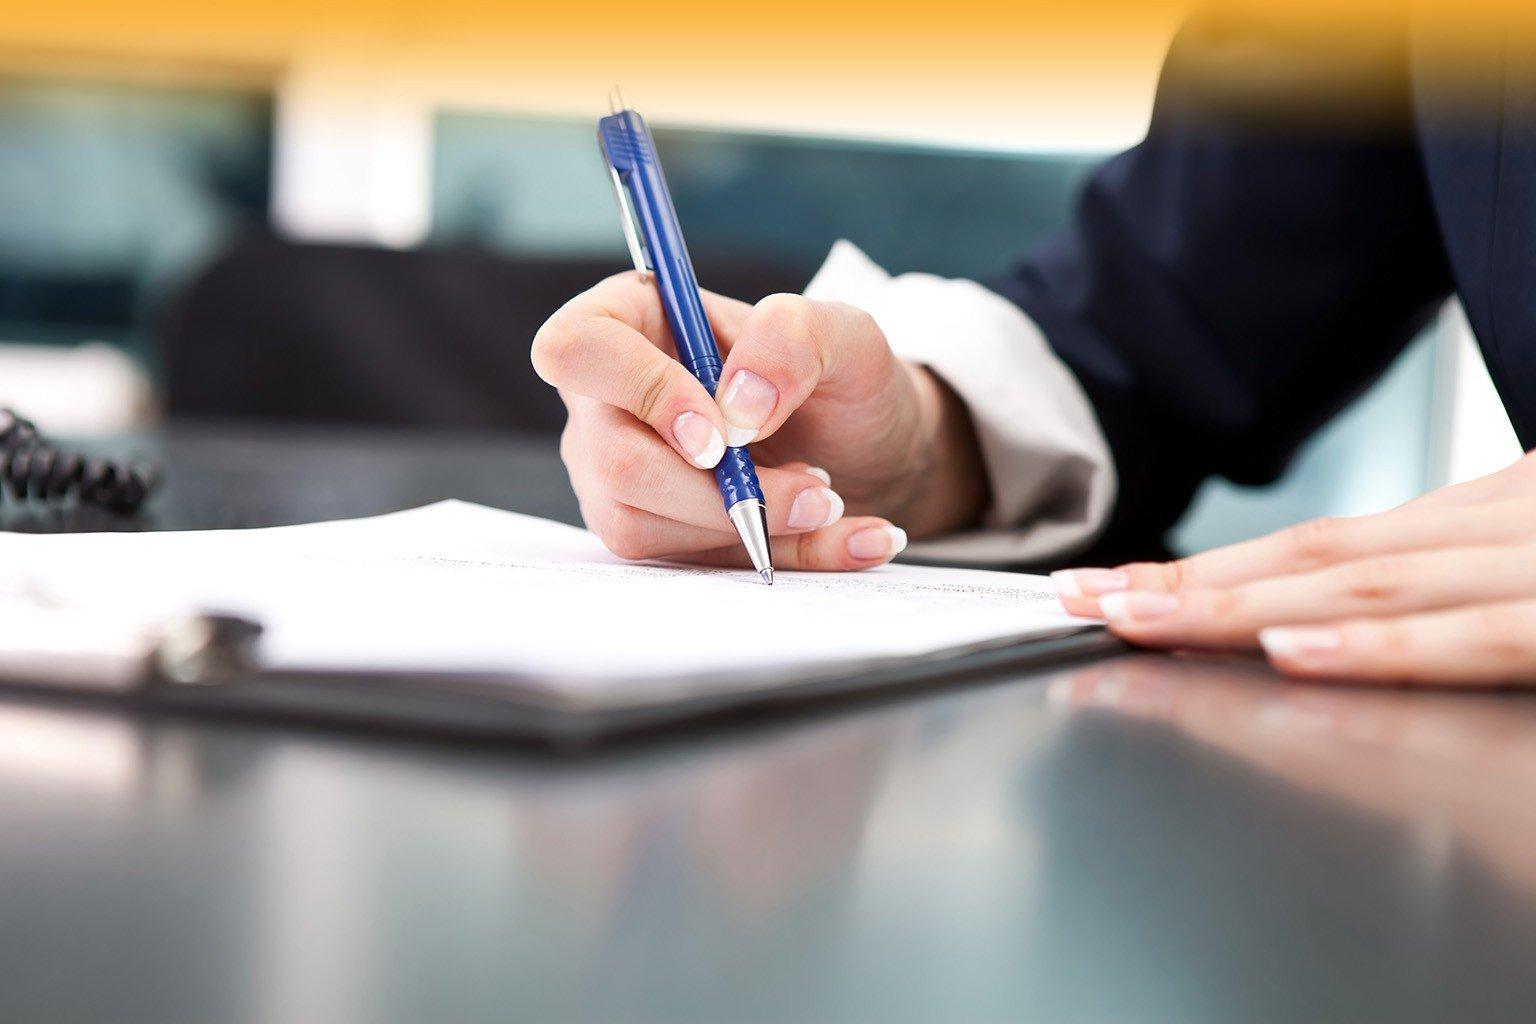 Подписание документа предпринимателем